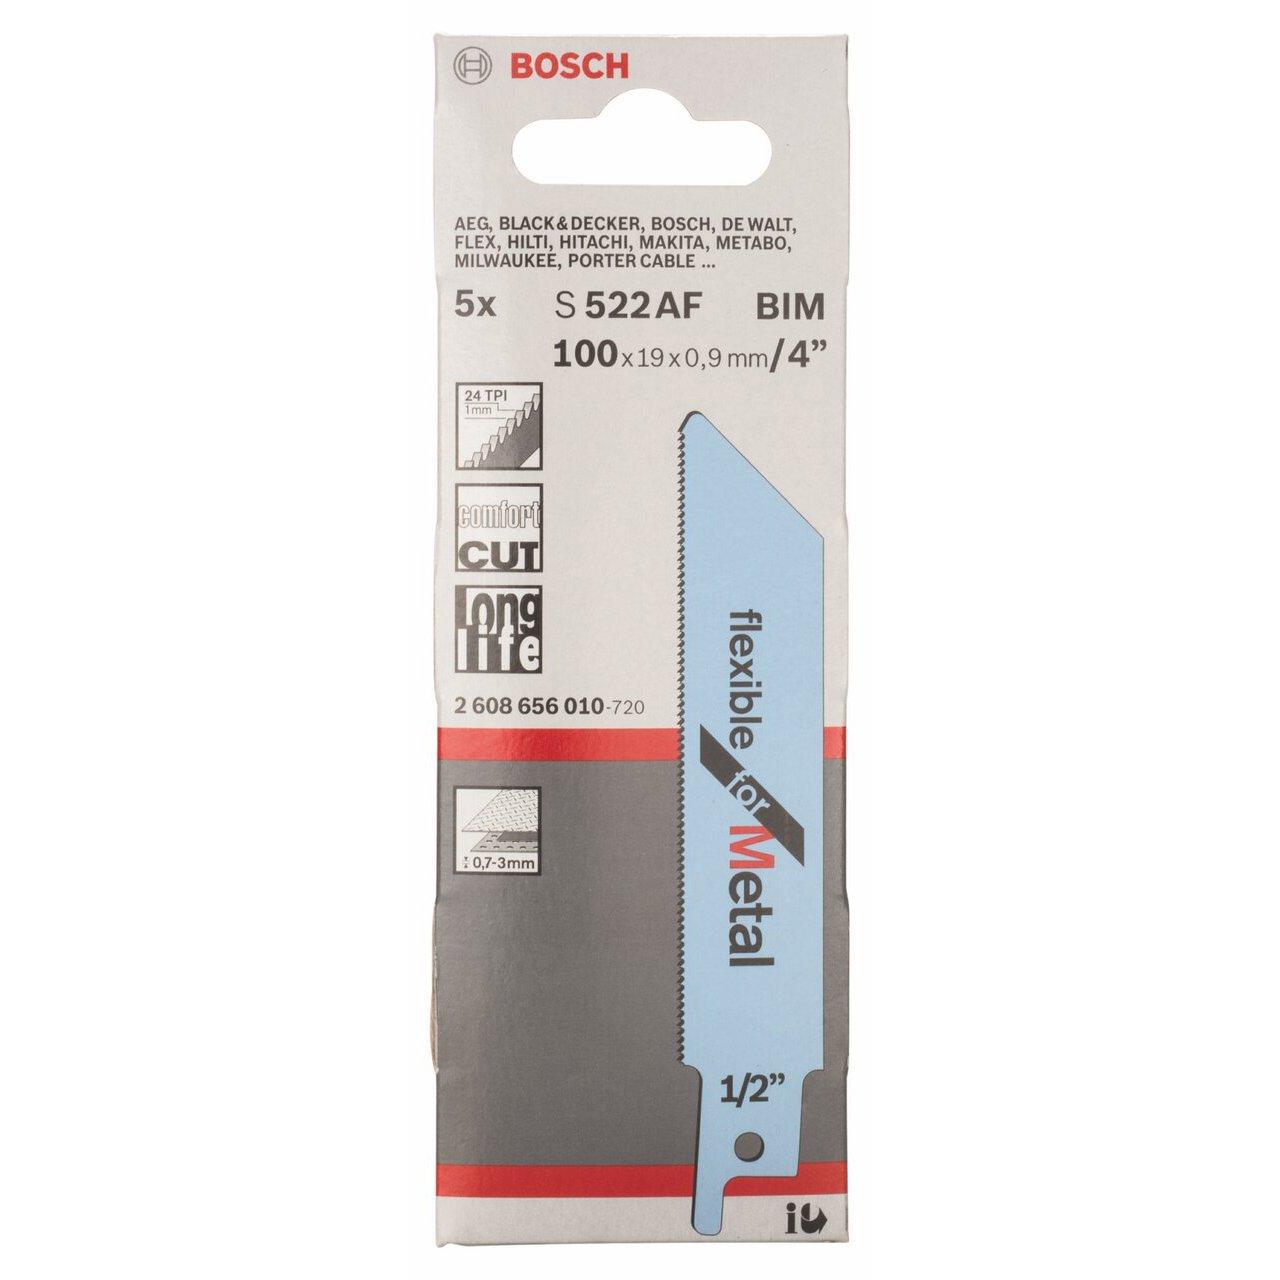 Bosch S 522 AF